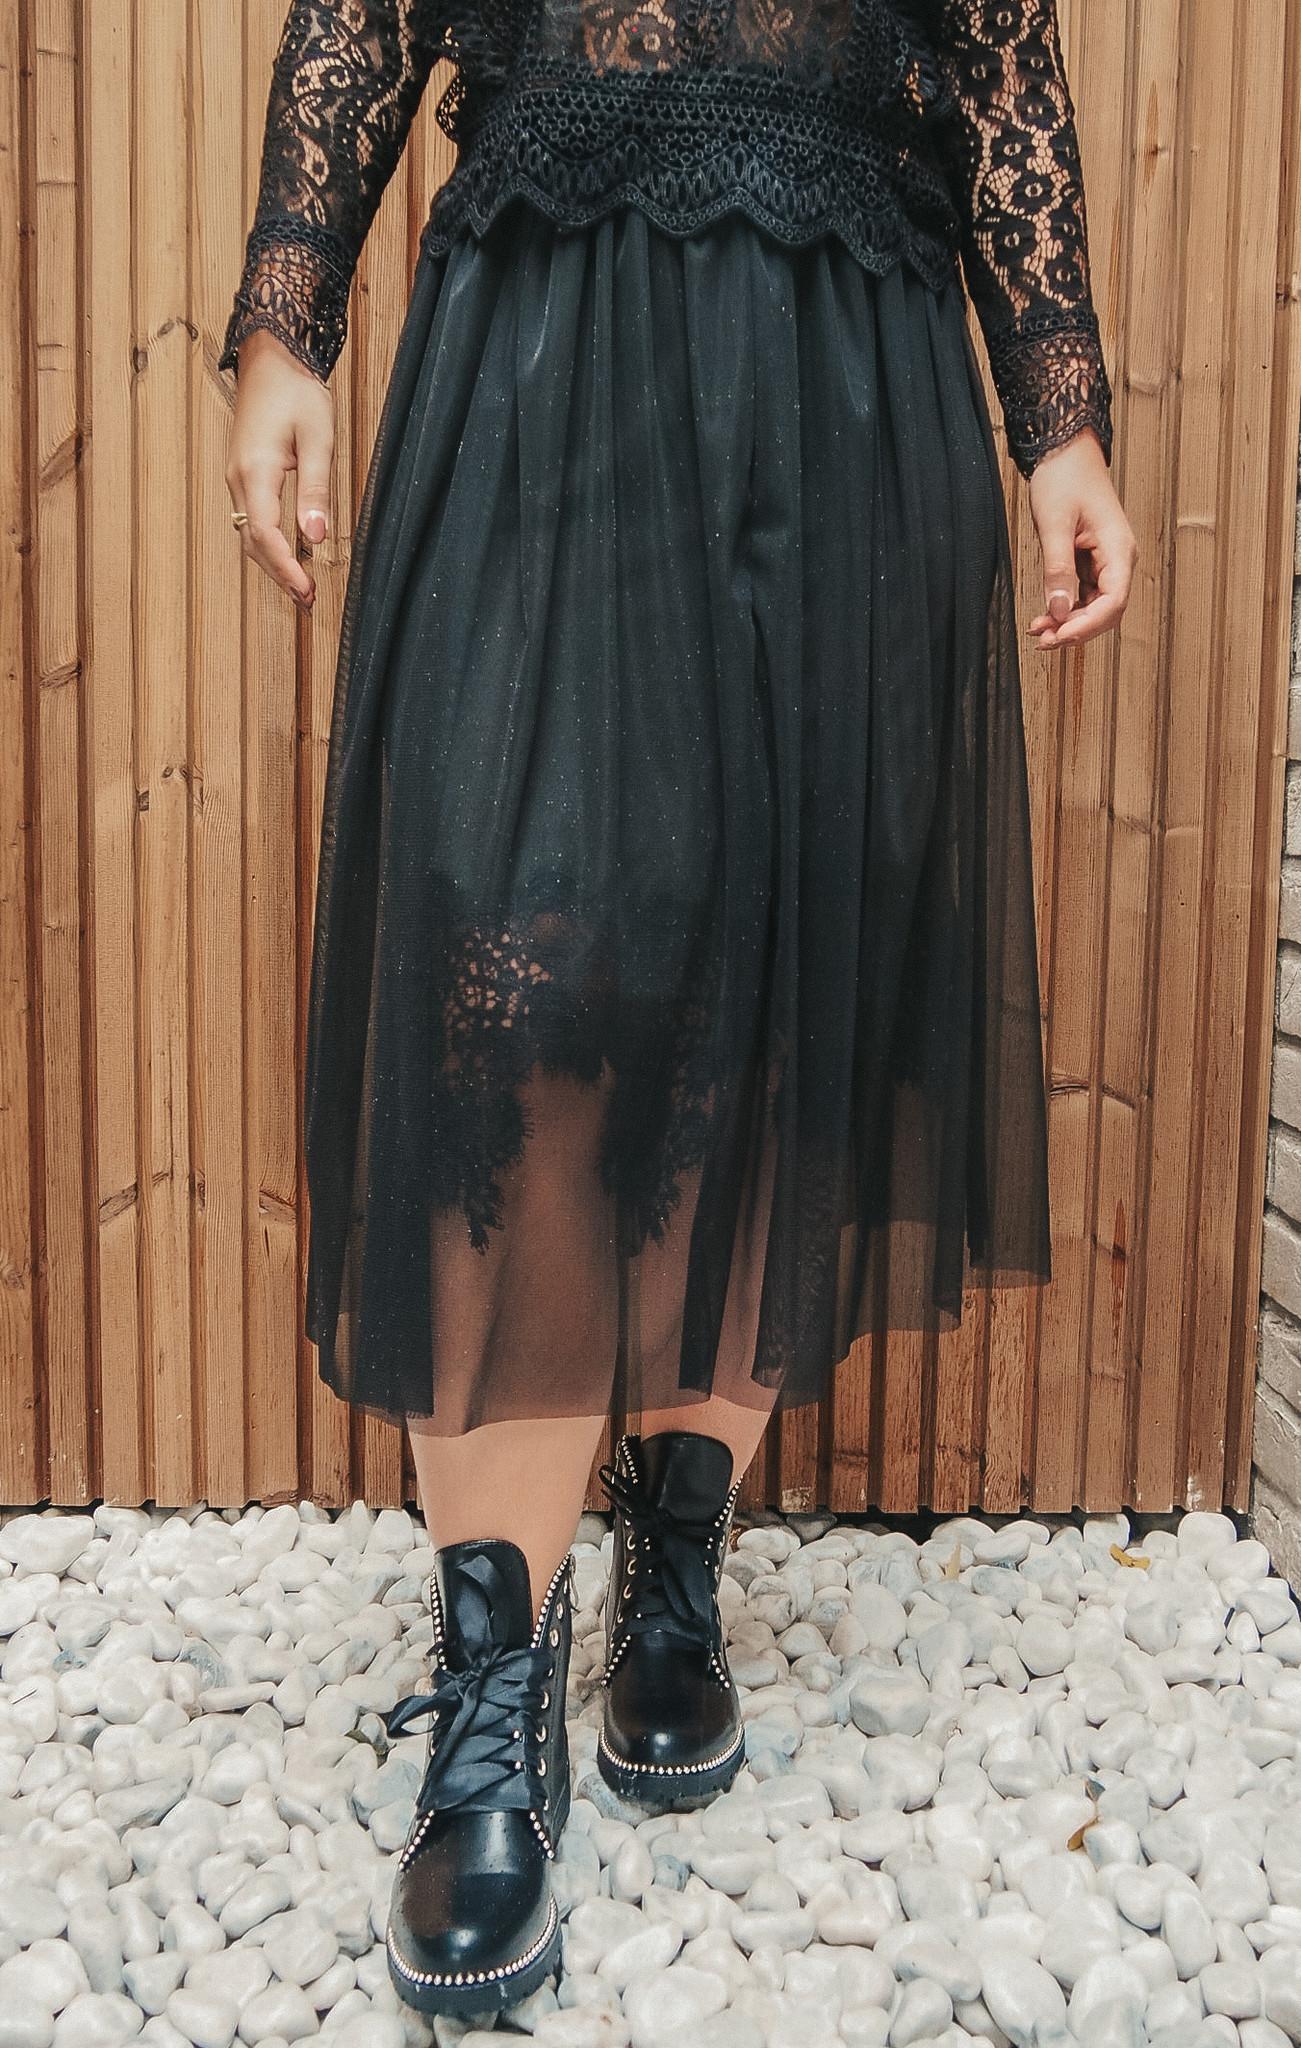 J&D Skirt Ariana Black TU